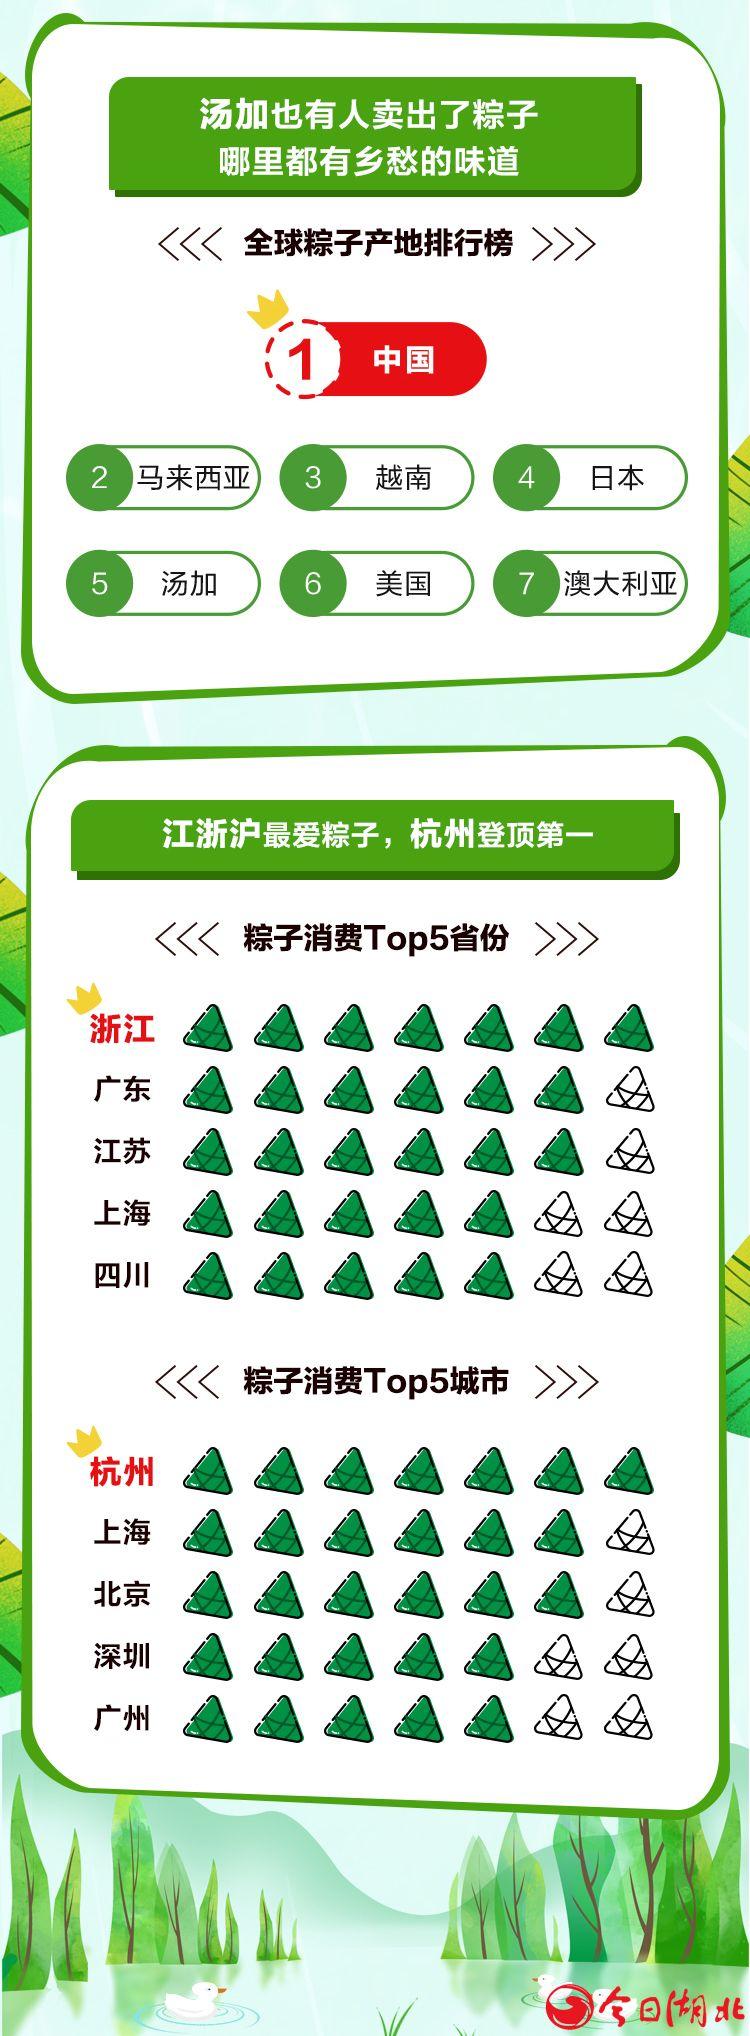 """端午節遇上天貓618:吃貨買走1.23億只粽子 """"咸黨""""大獲全勝3.jpg"""